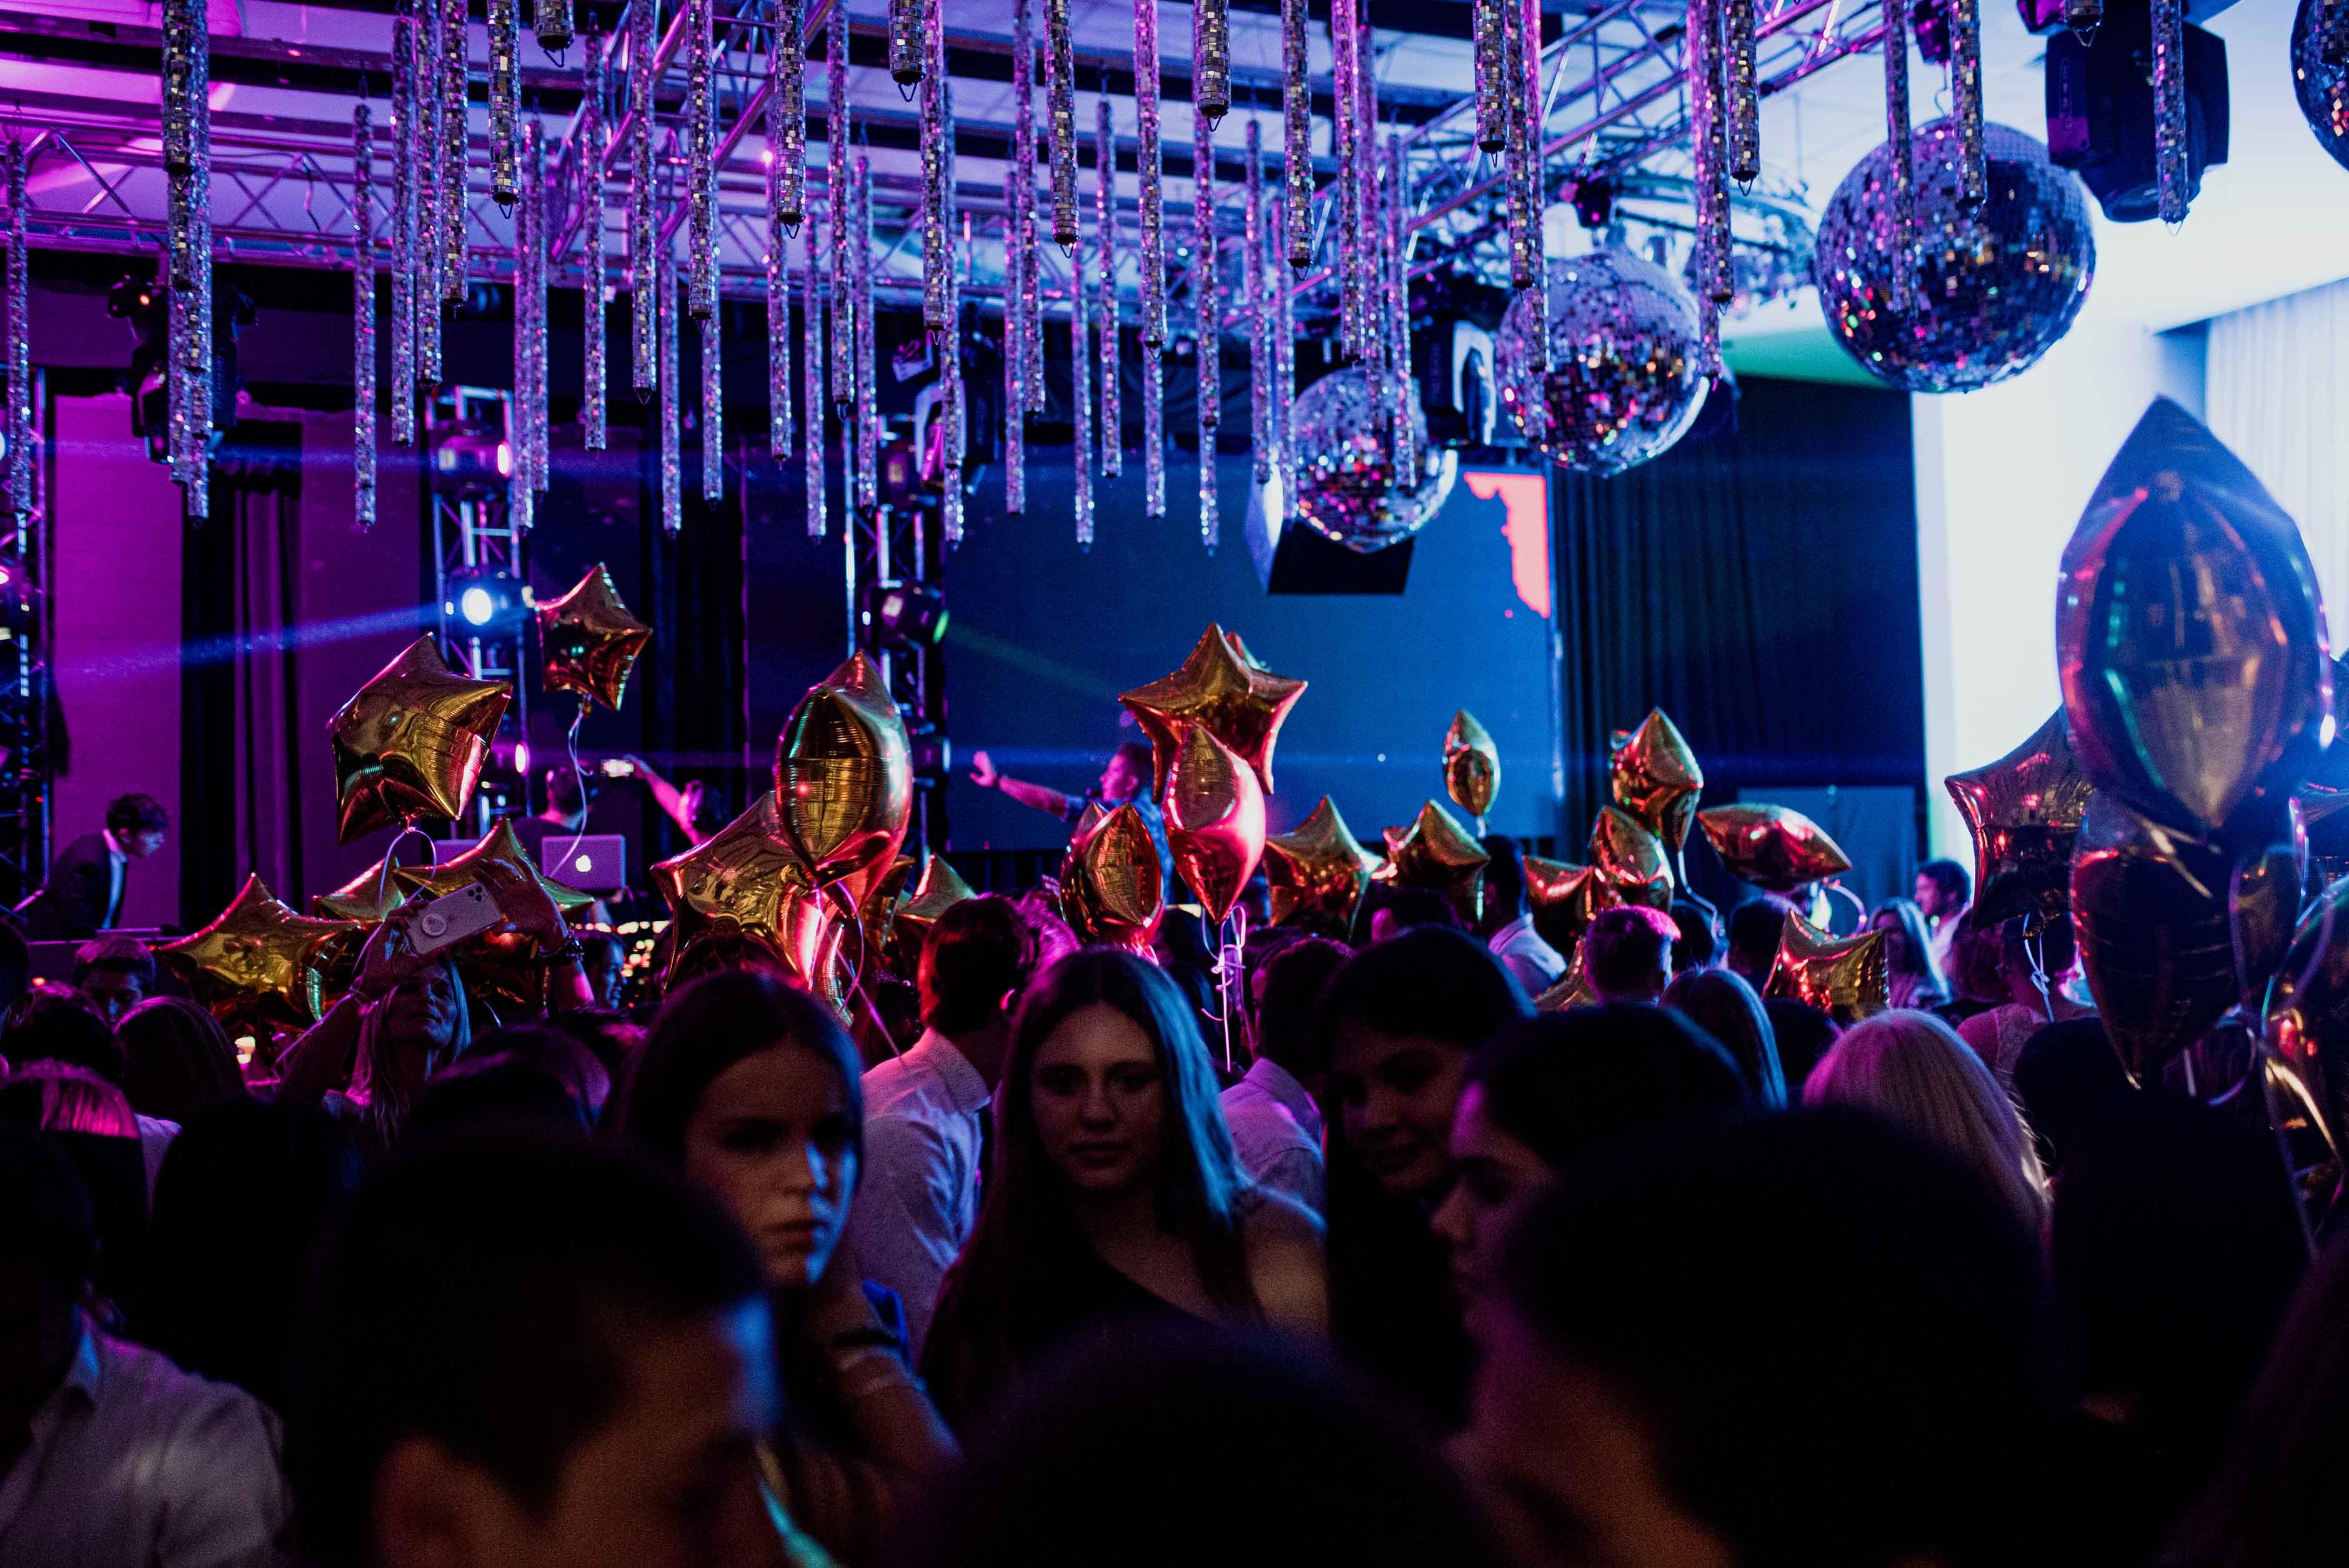 Fotos de la fiesta de quince de Chiara en Rosario realizadas por Bucle Fotografias Flor Bosio y Caro Clerici